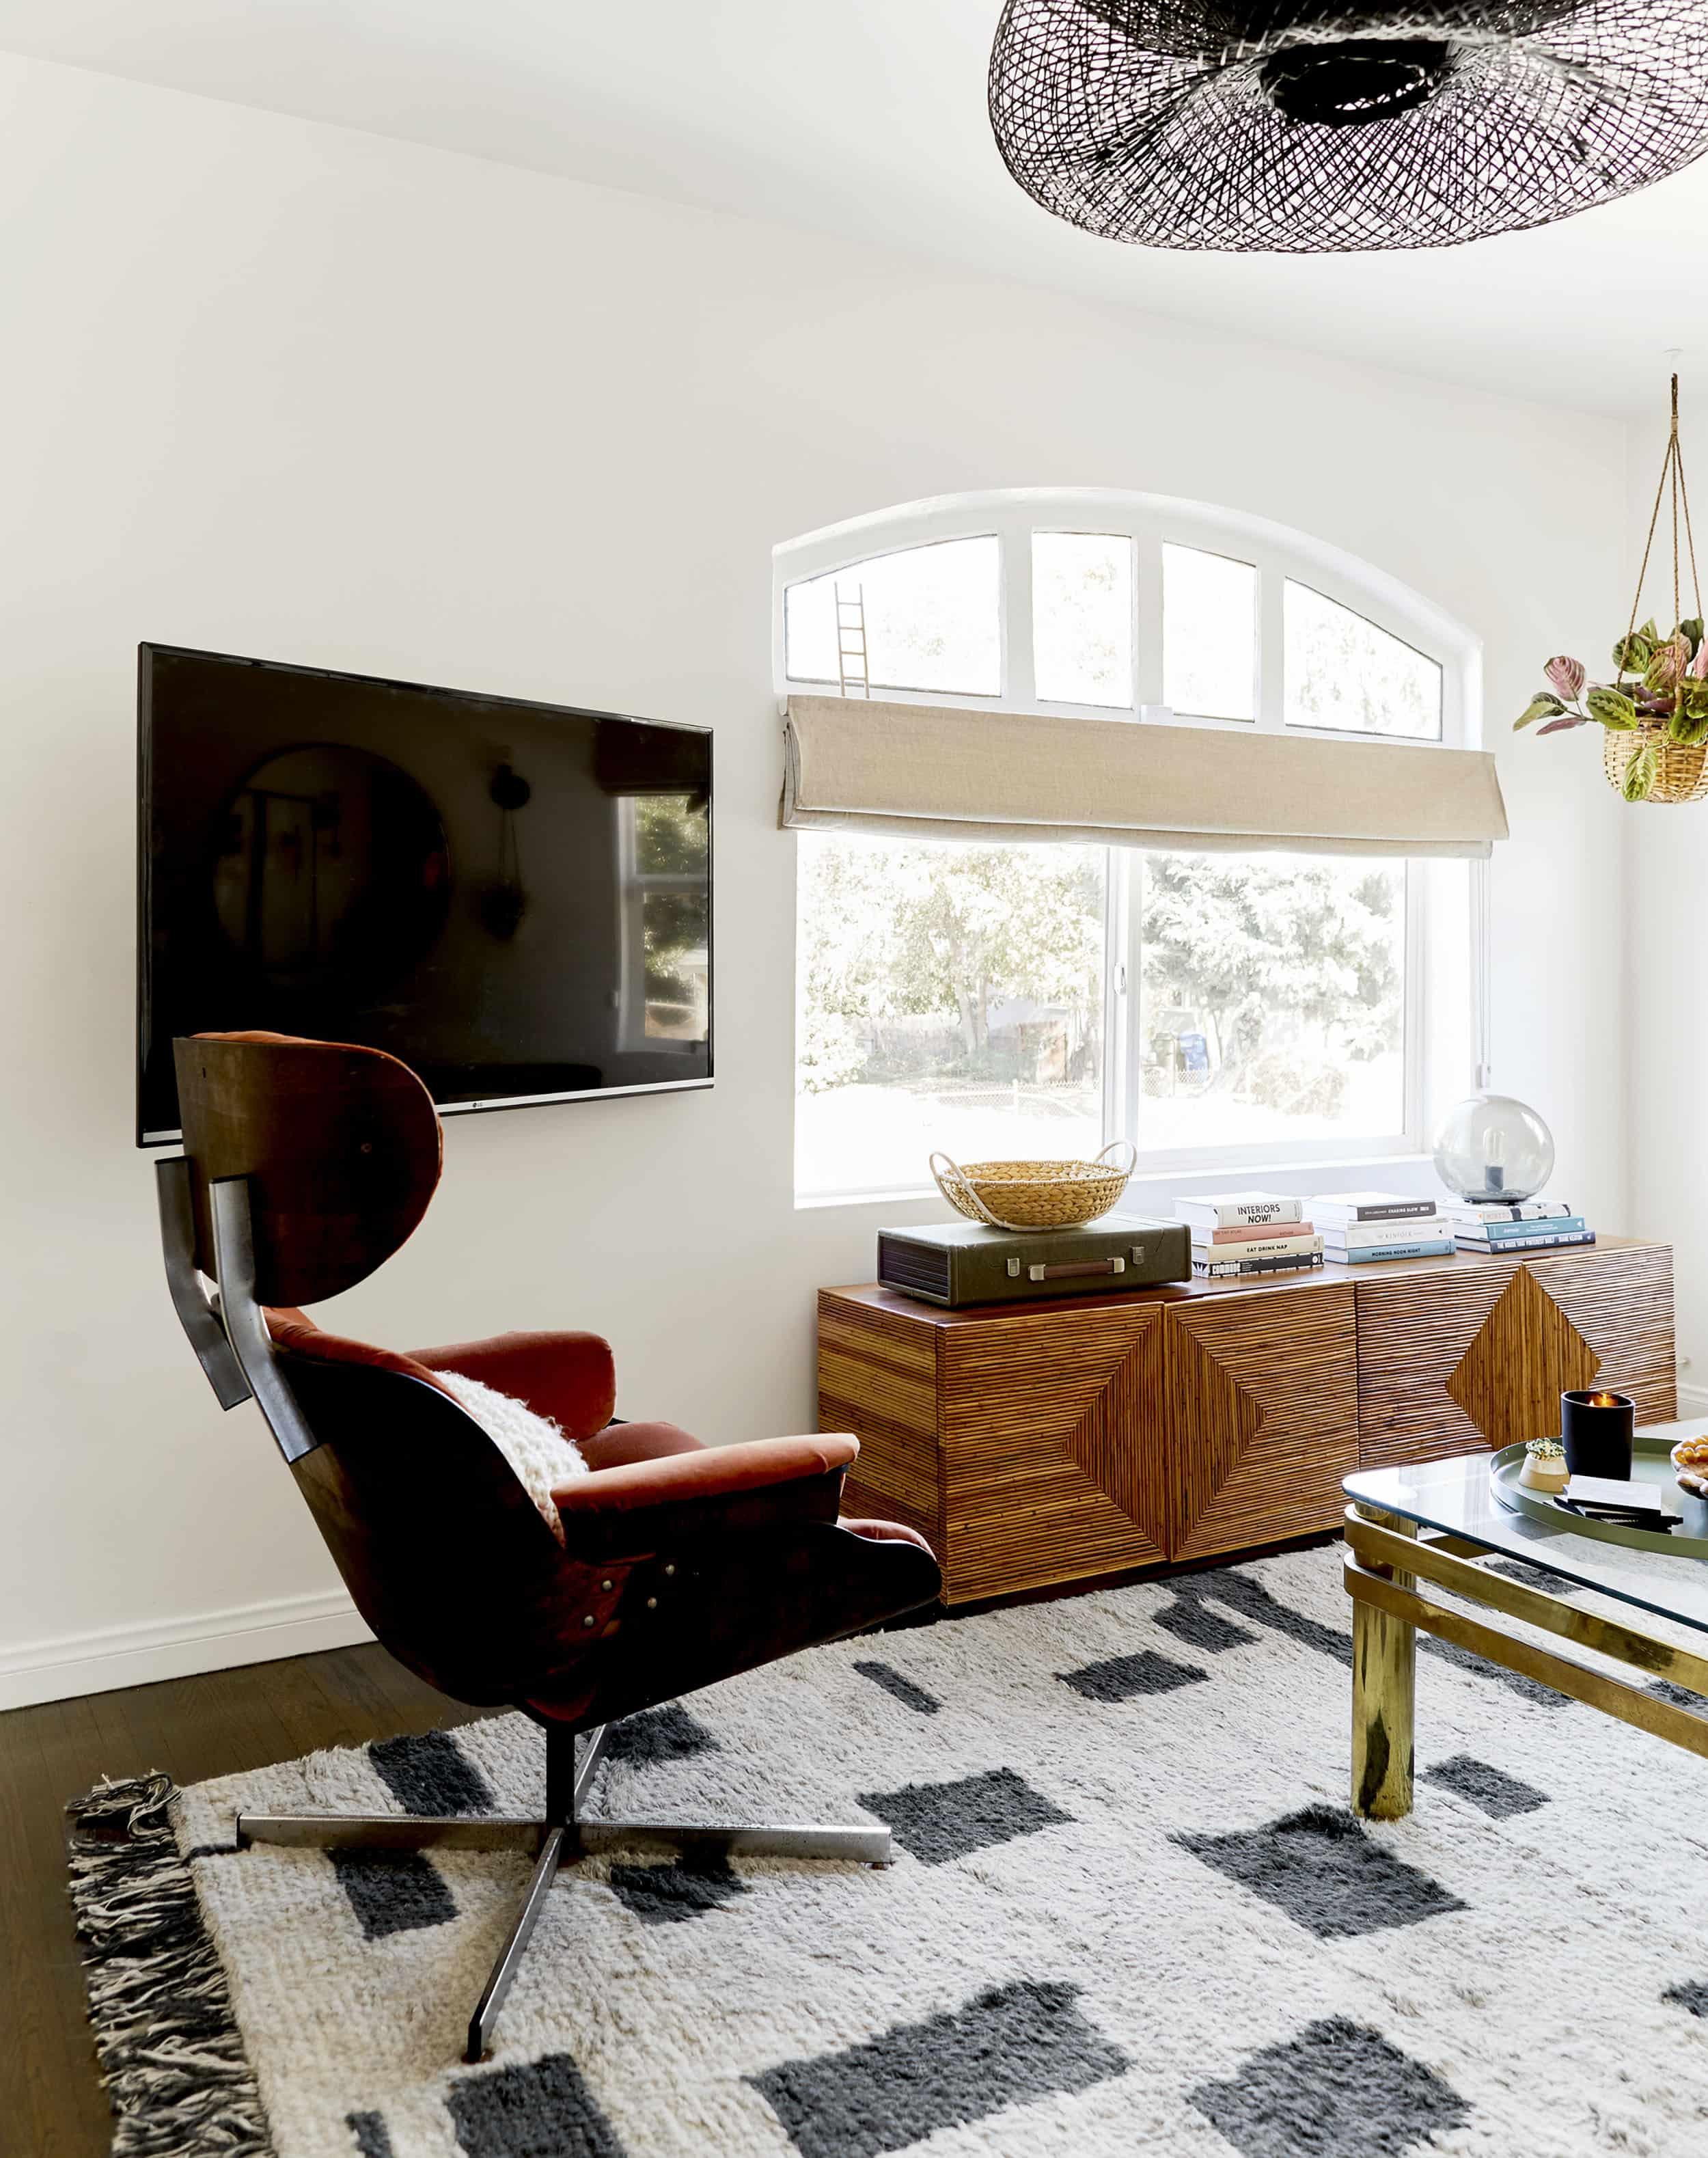 Emilybowserdiningroomlivingroom13